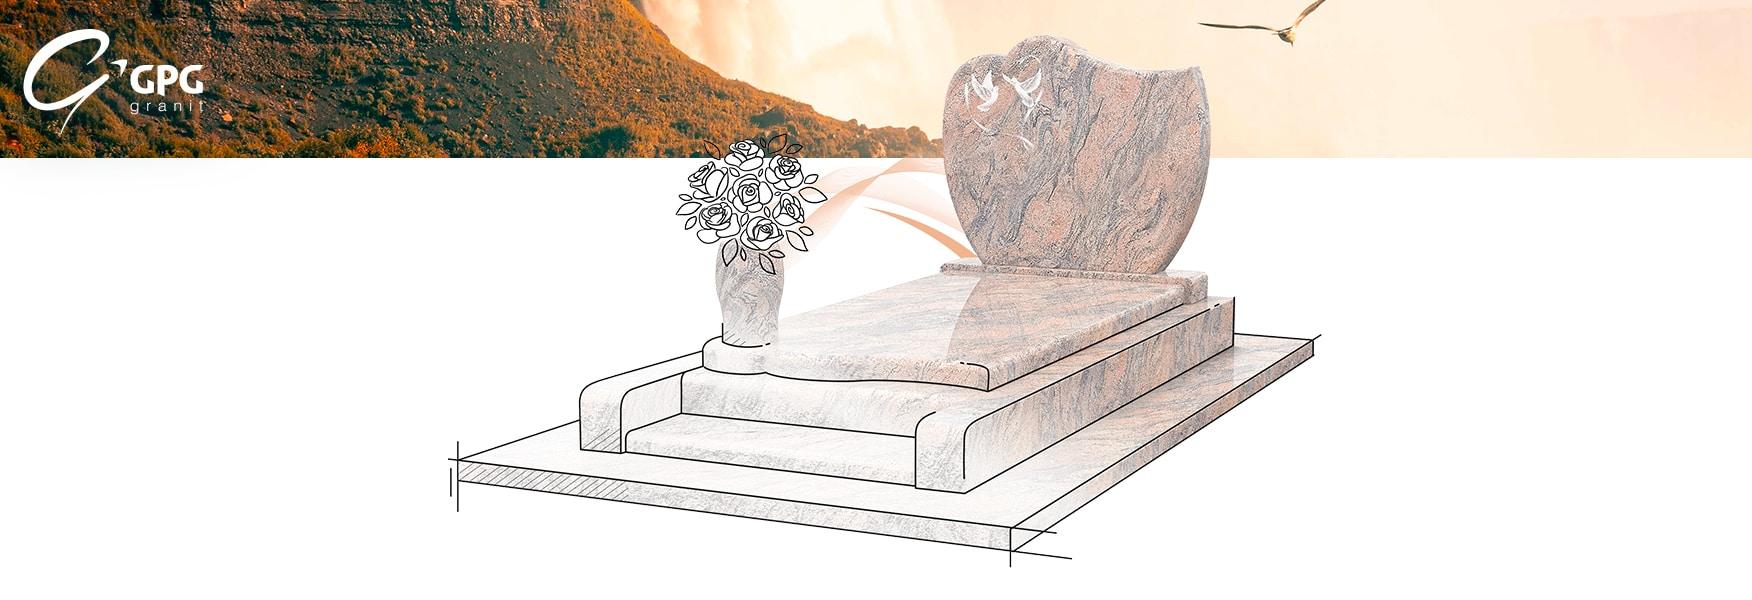 Présentation du monument funéraire inspiration romantique GPG 232